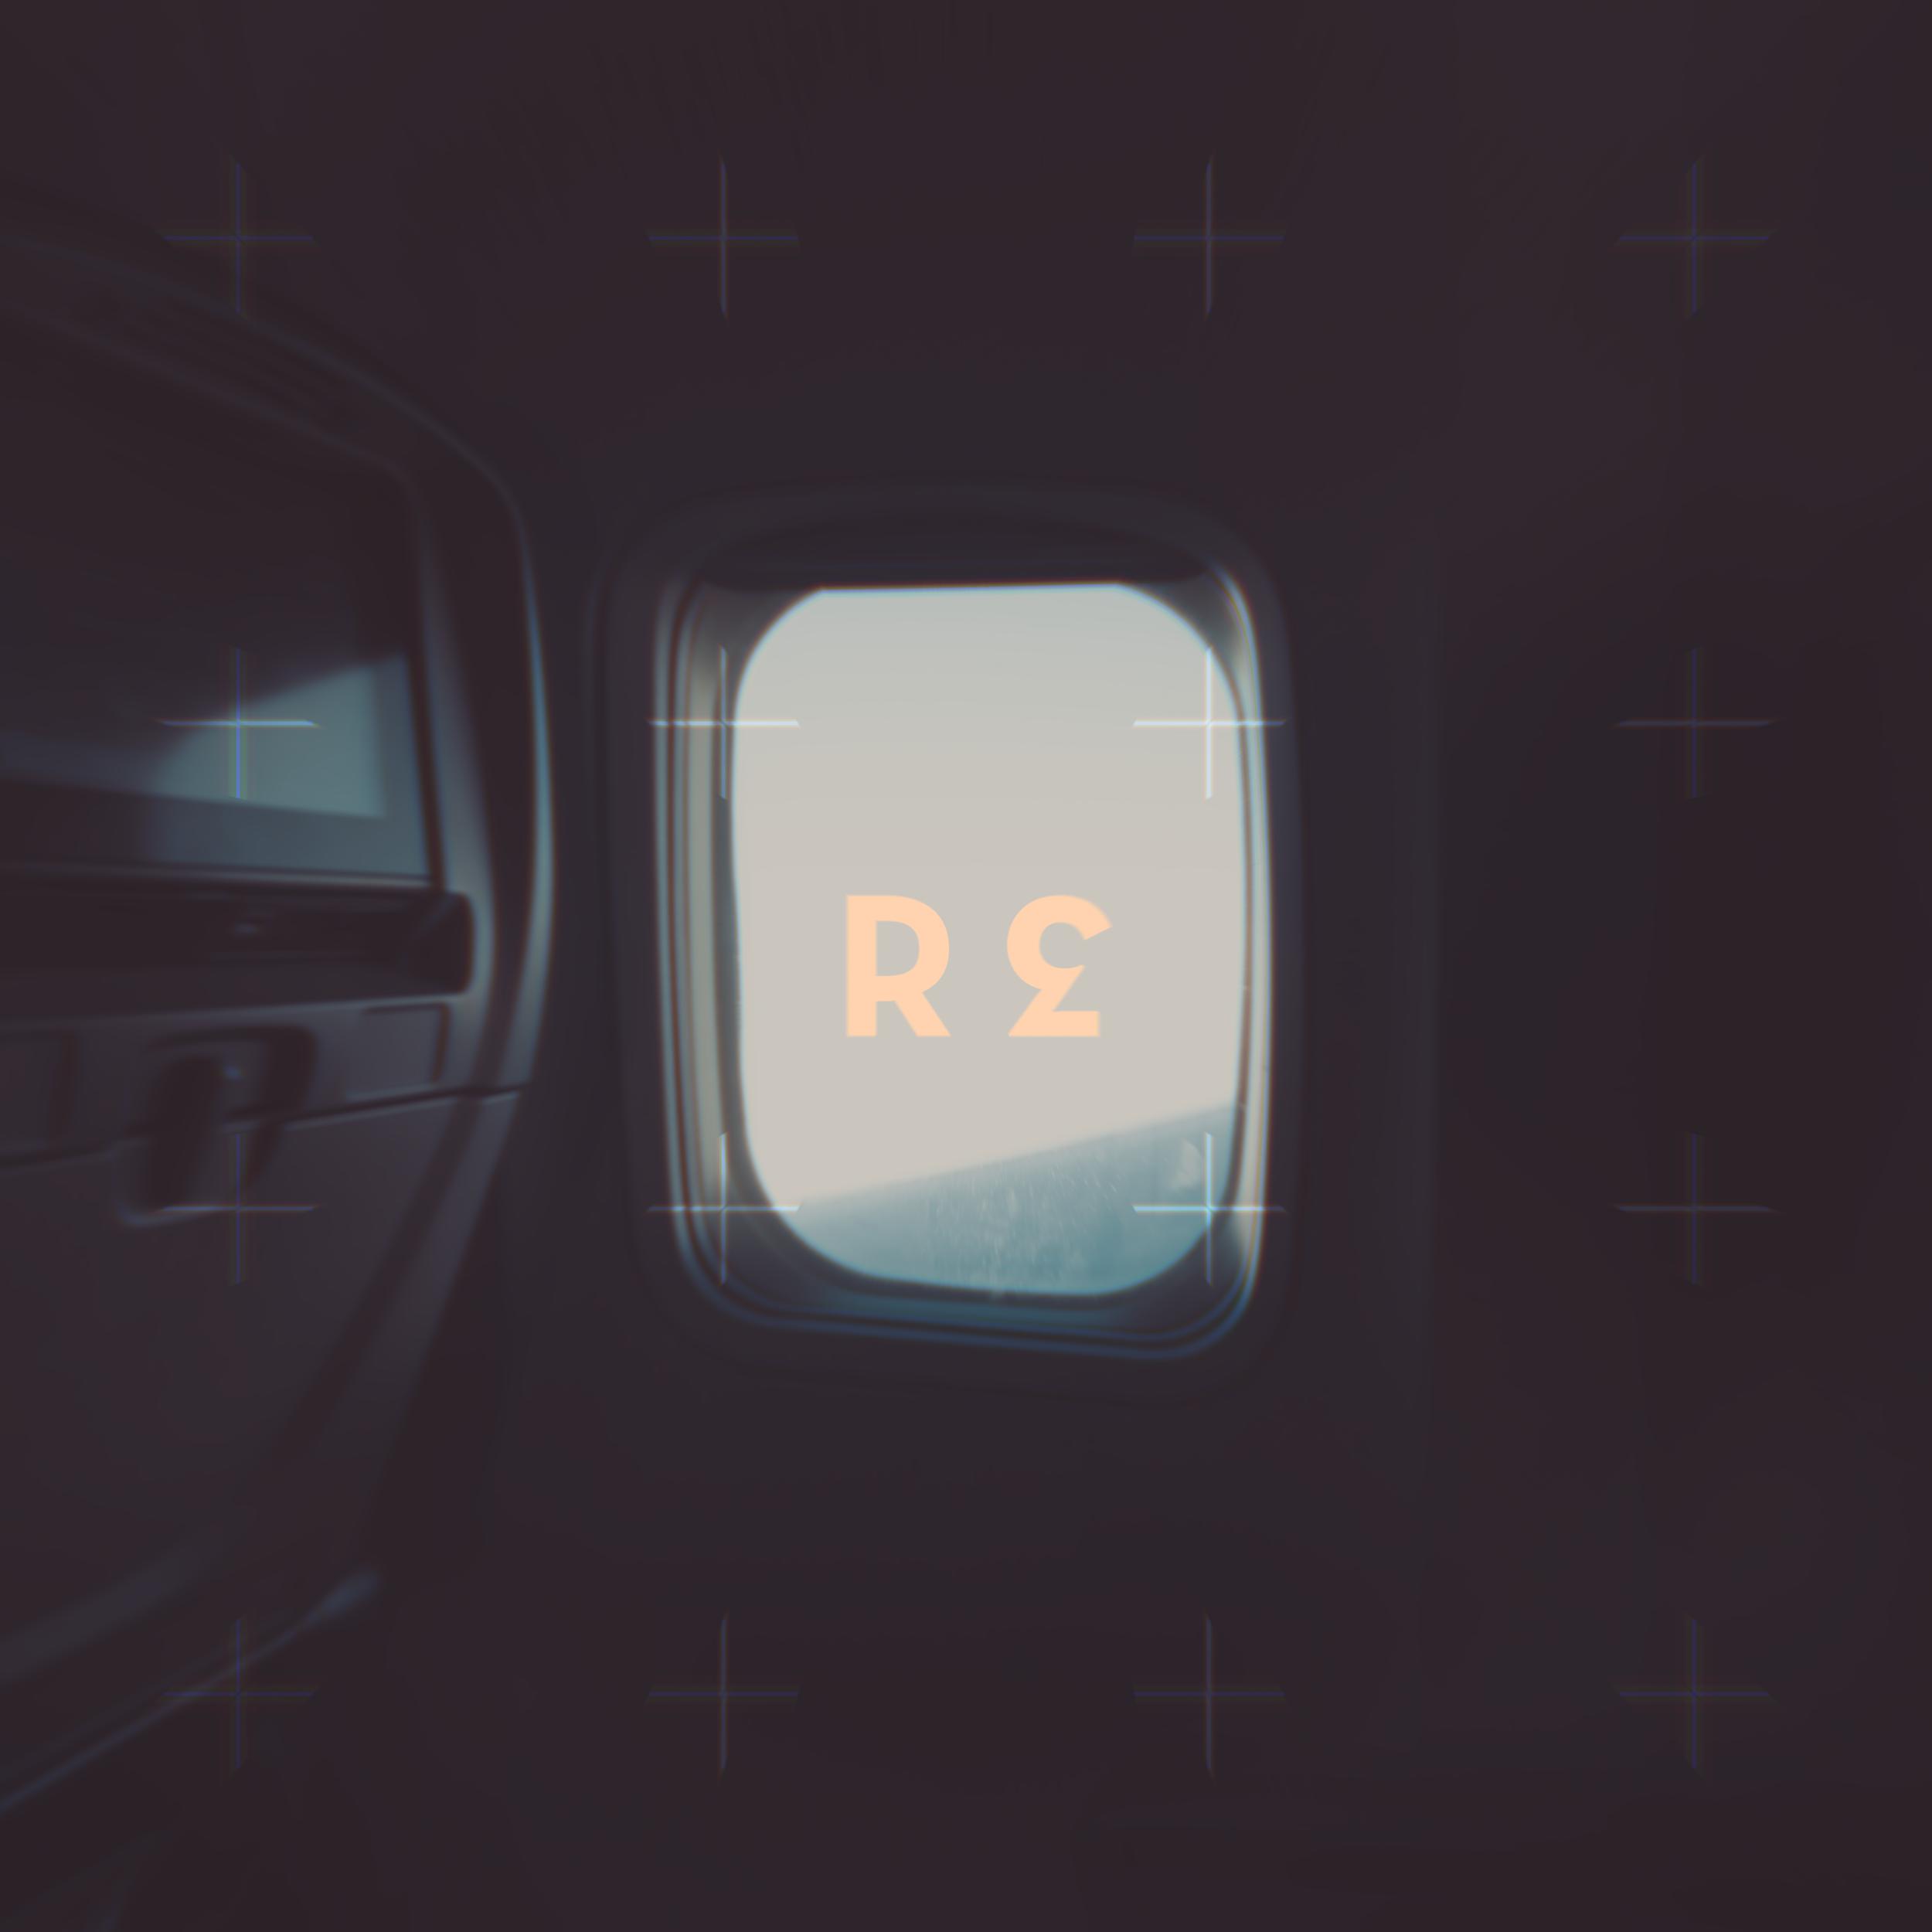 Seating R3